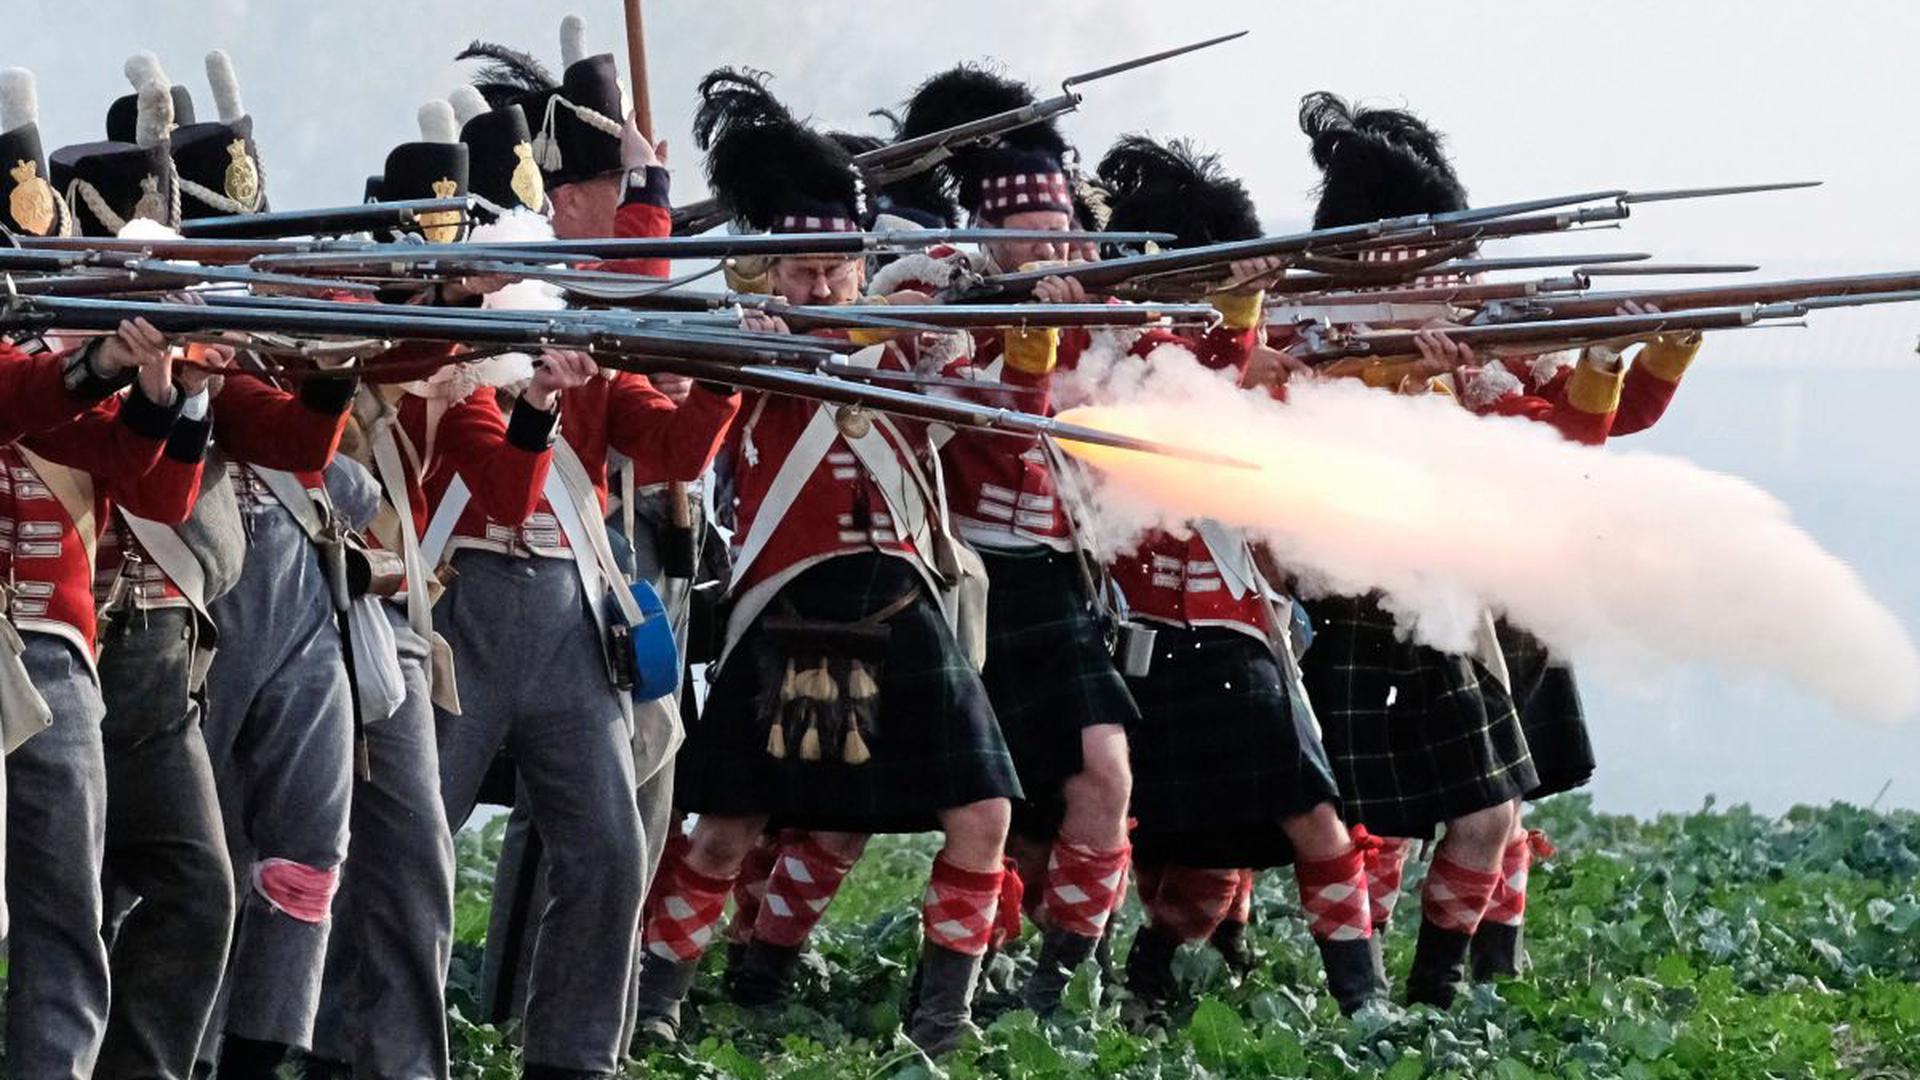 Tausende badische Soldaten folgten dem gesuchten Feldherrn, wie hier von Akteuren nachgestellt, in einen Krieg, der schmachvoll endete.